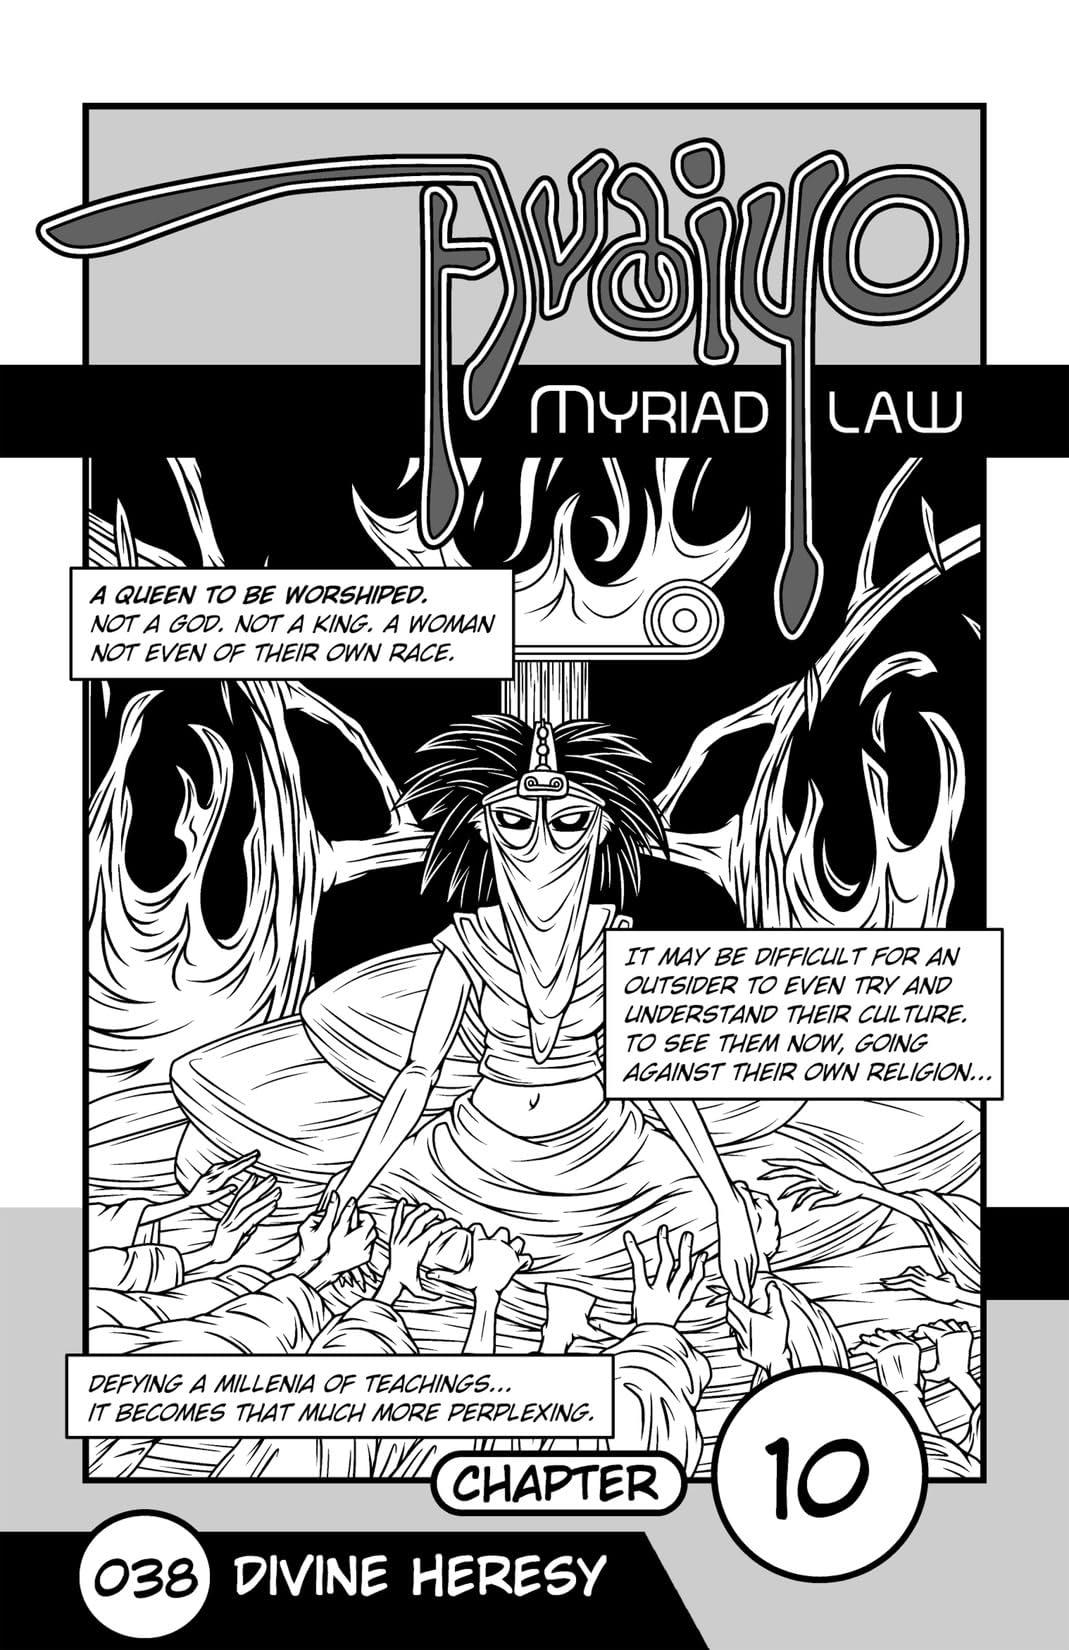 Avaiyo: Myriad Law #038